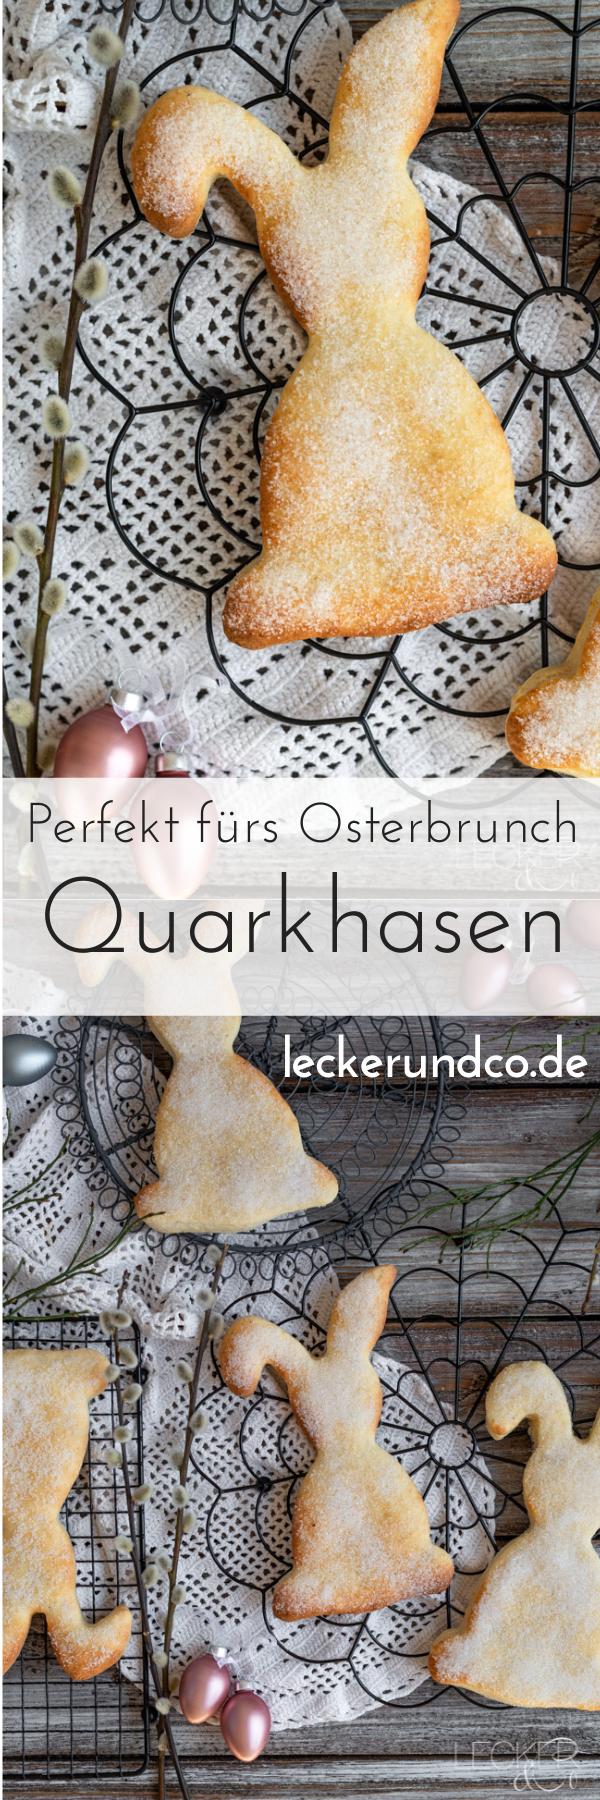 Quarkhasen | LECKER&Co